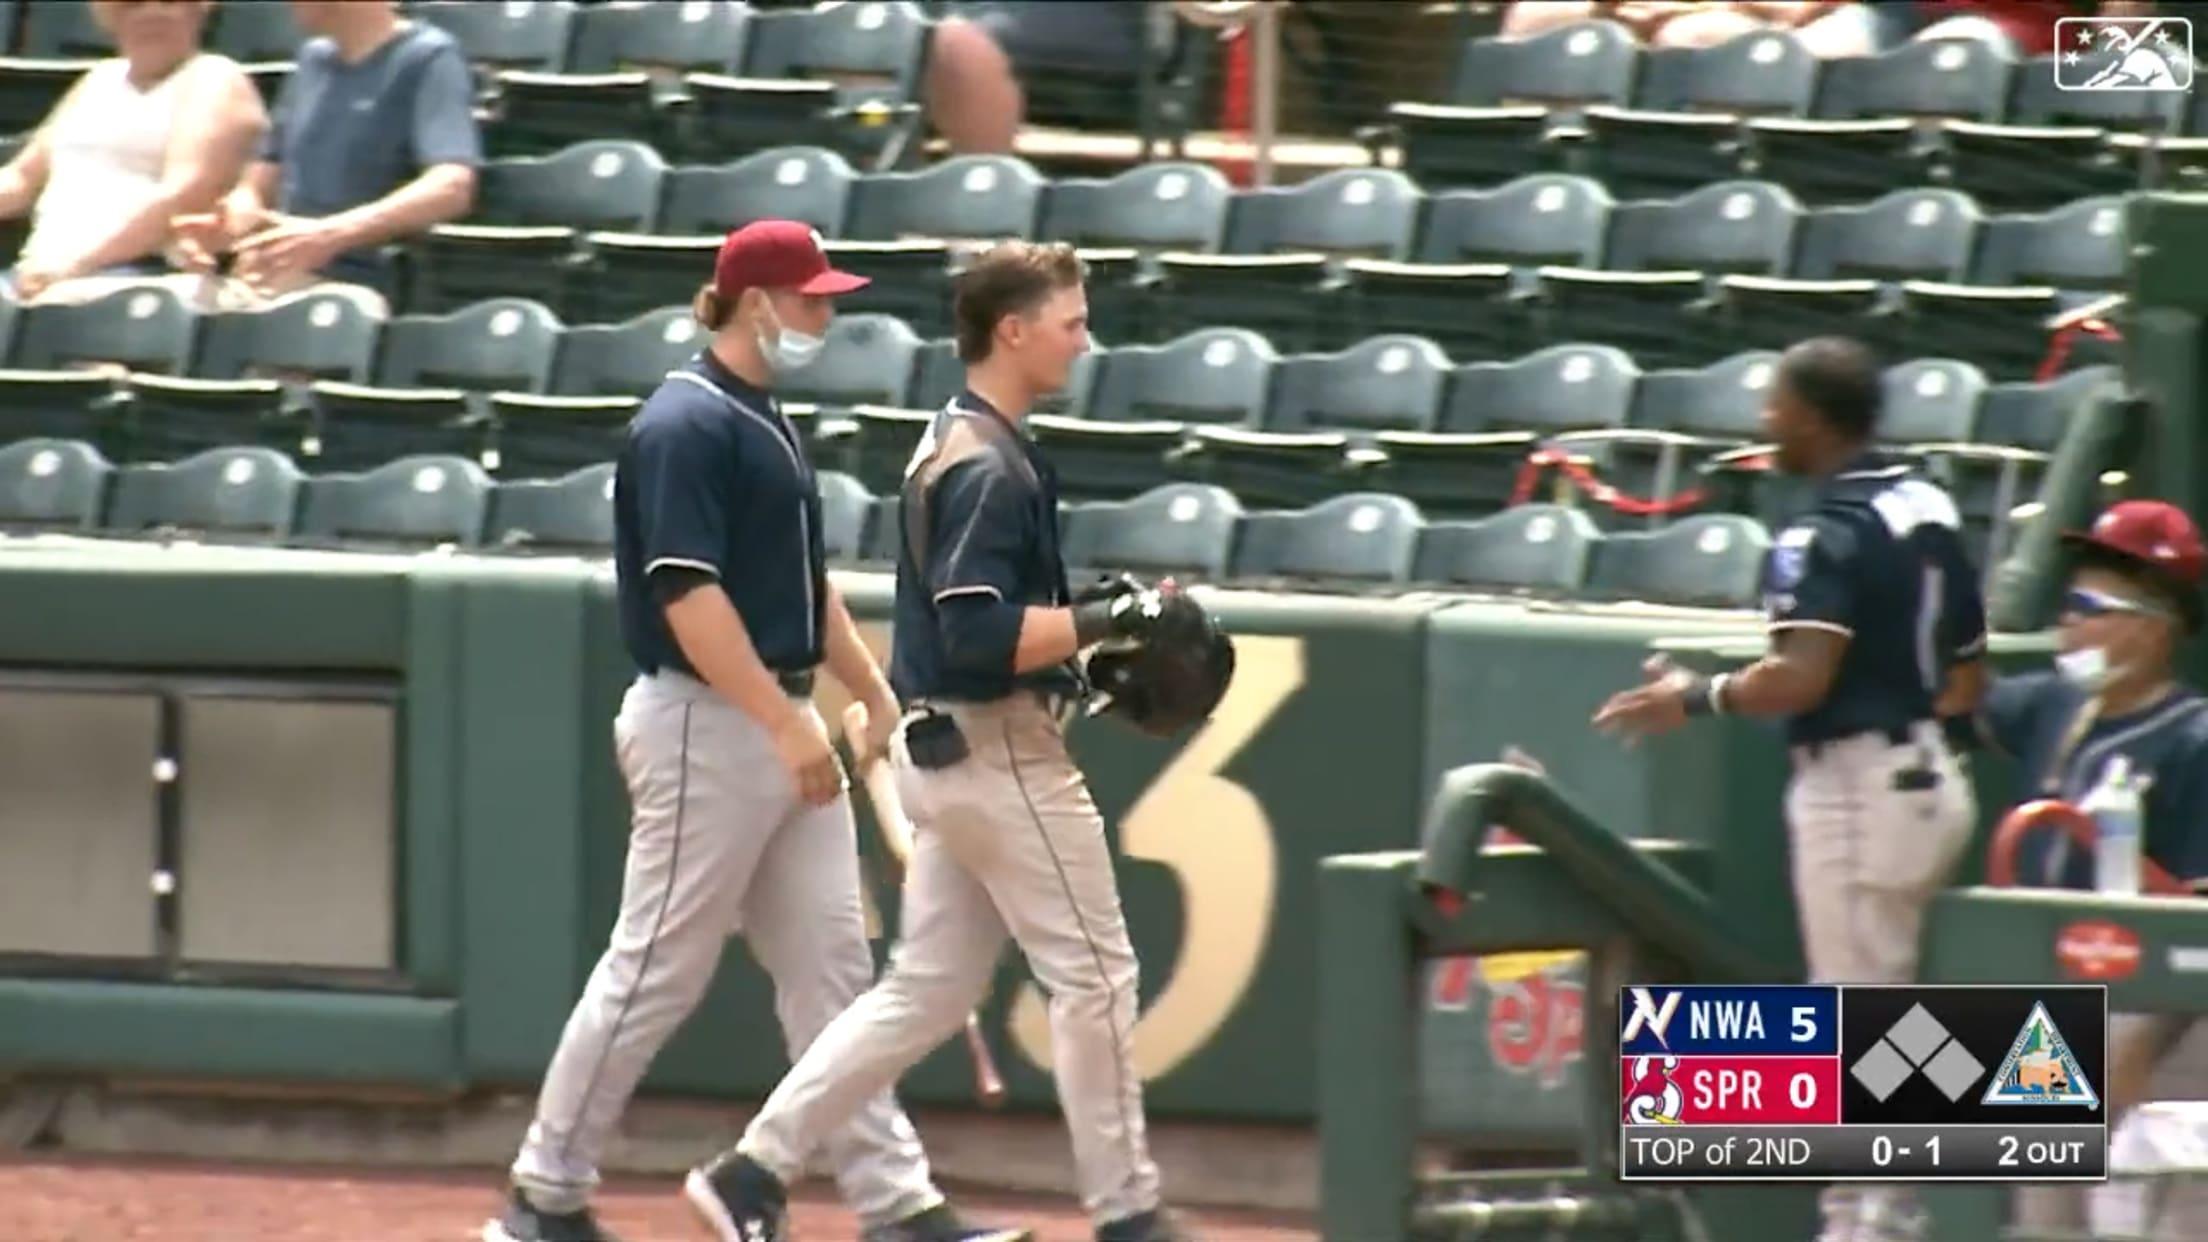 Bobby Witt Jr.'s home run